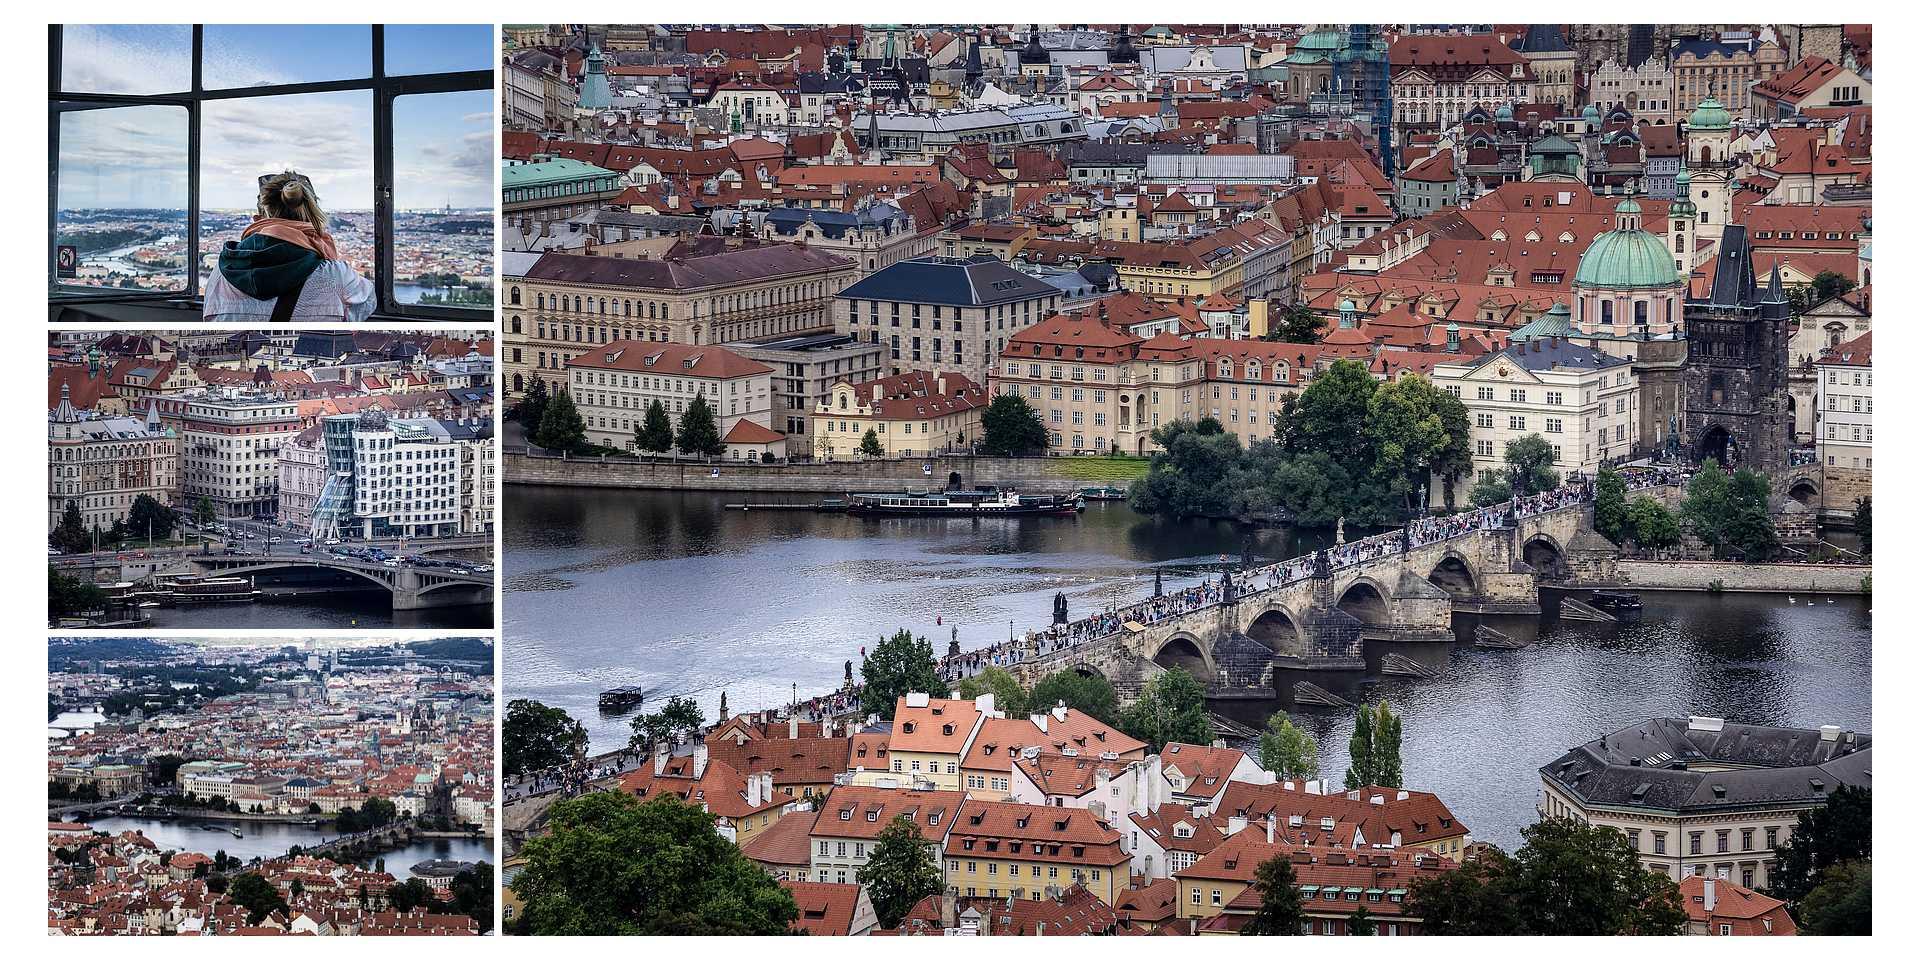 Live your Life - descubre Praga - Petřínská rozhledna